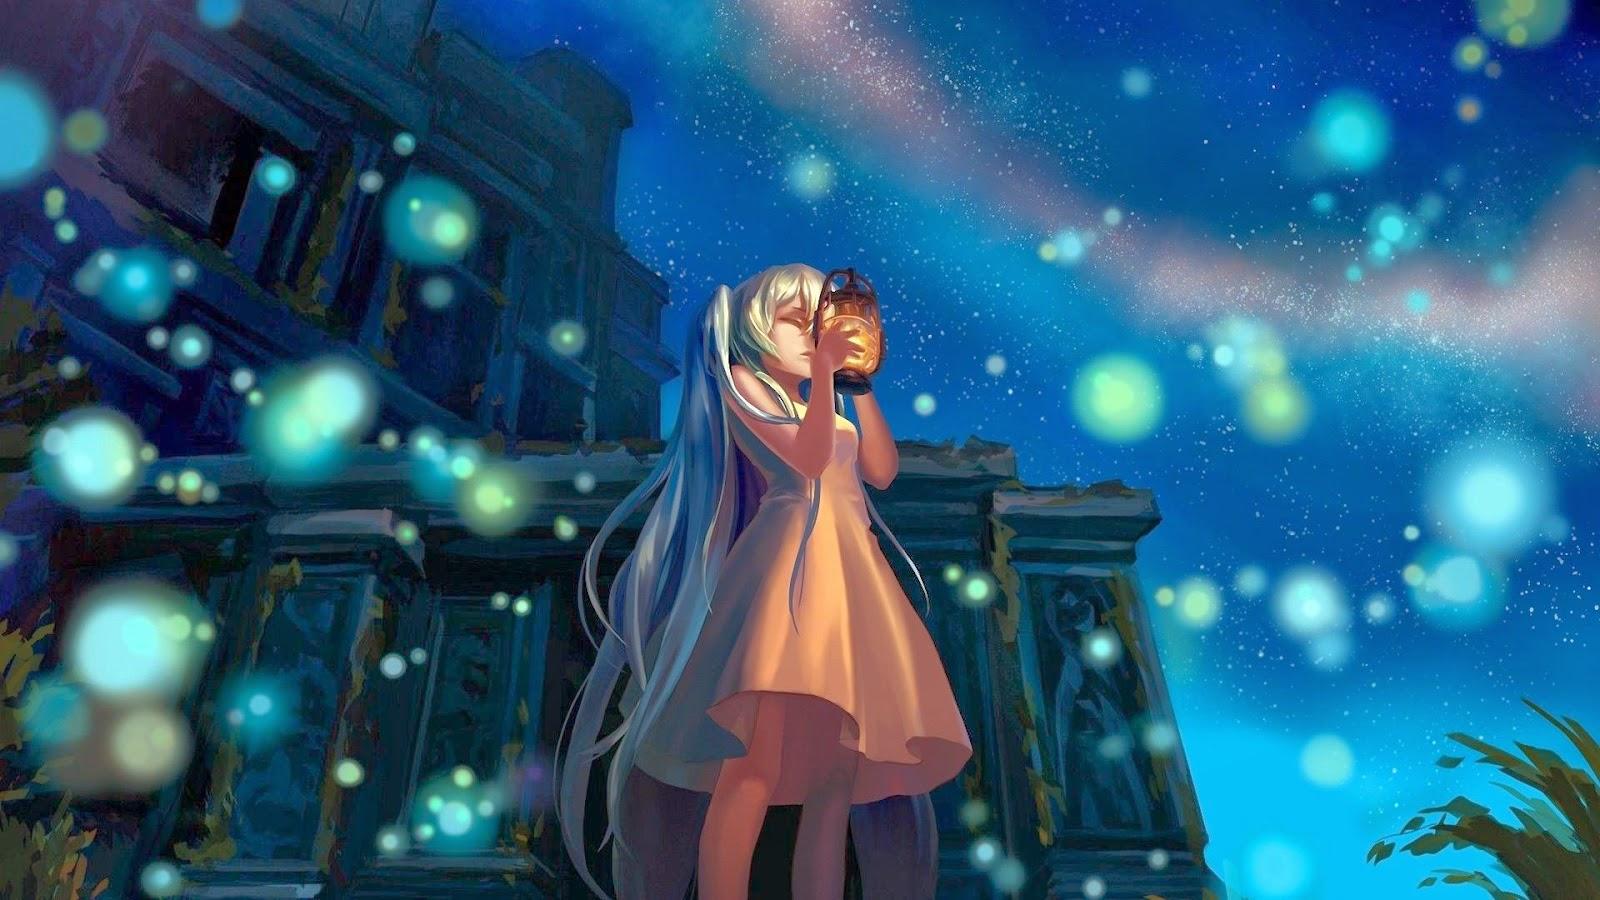 Hatsune Miku - Vocaloid Desktop Wallpaper